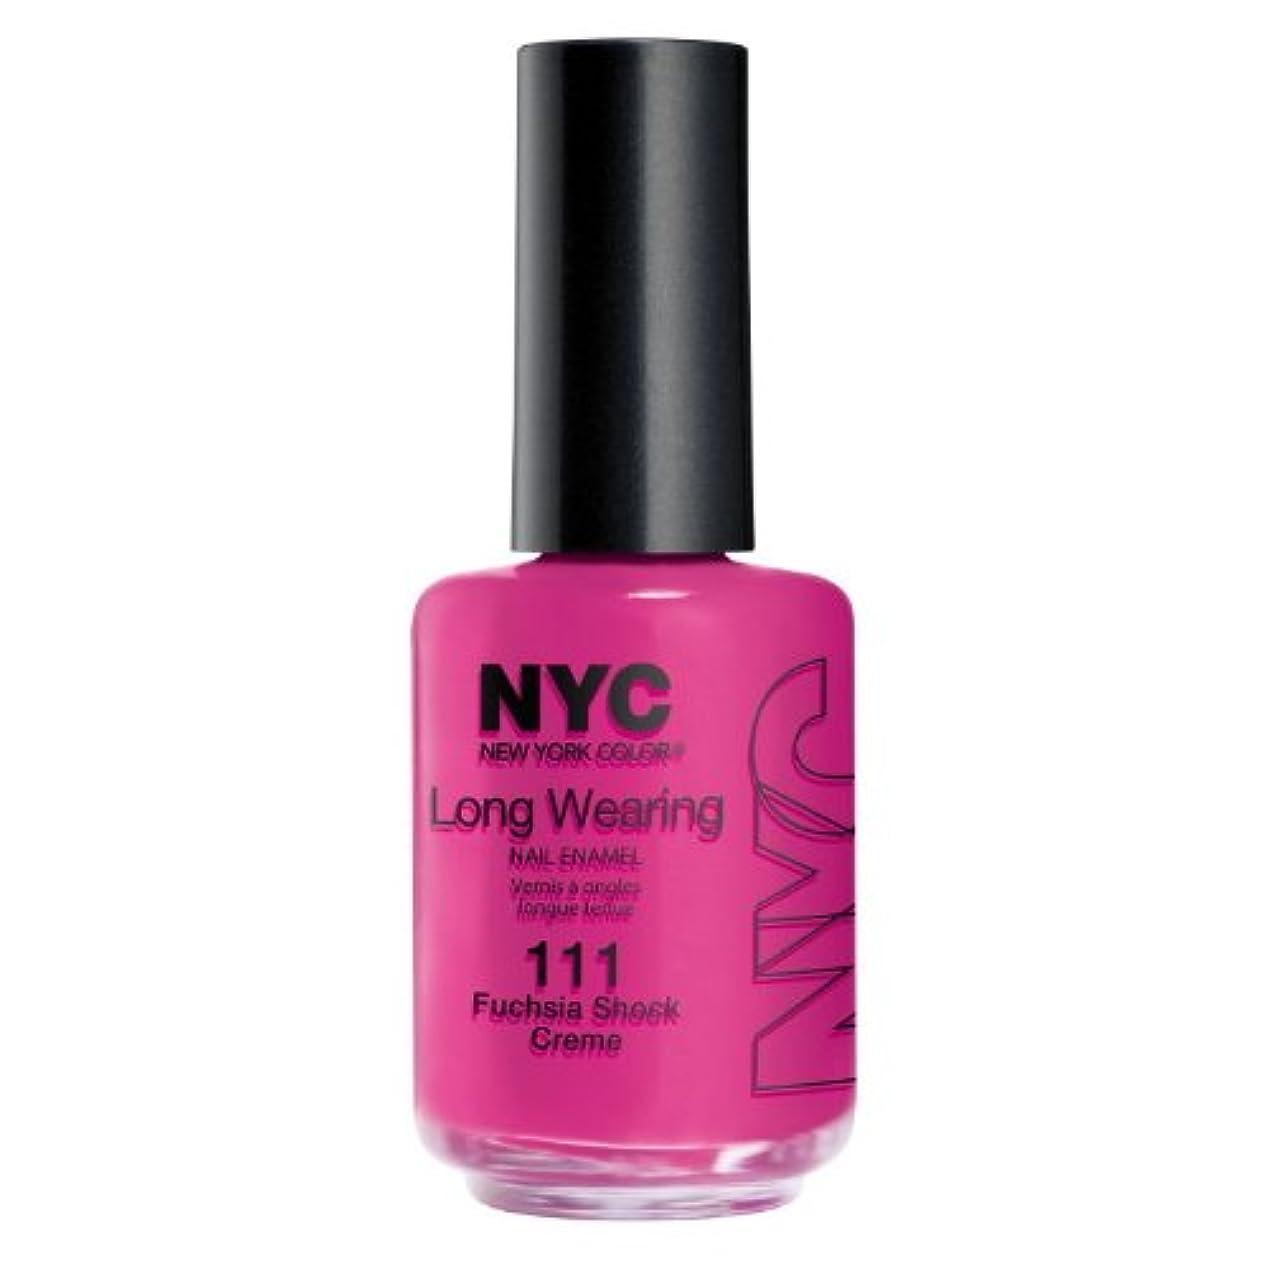 あなたが良くなりますラバ予測するNYC Long Wearing Nail Enamel - Fuchisia Shock Creme (並行輸入品)